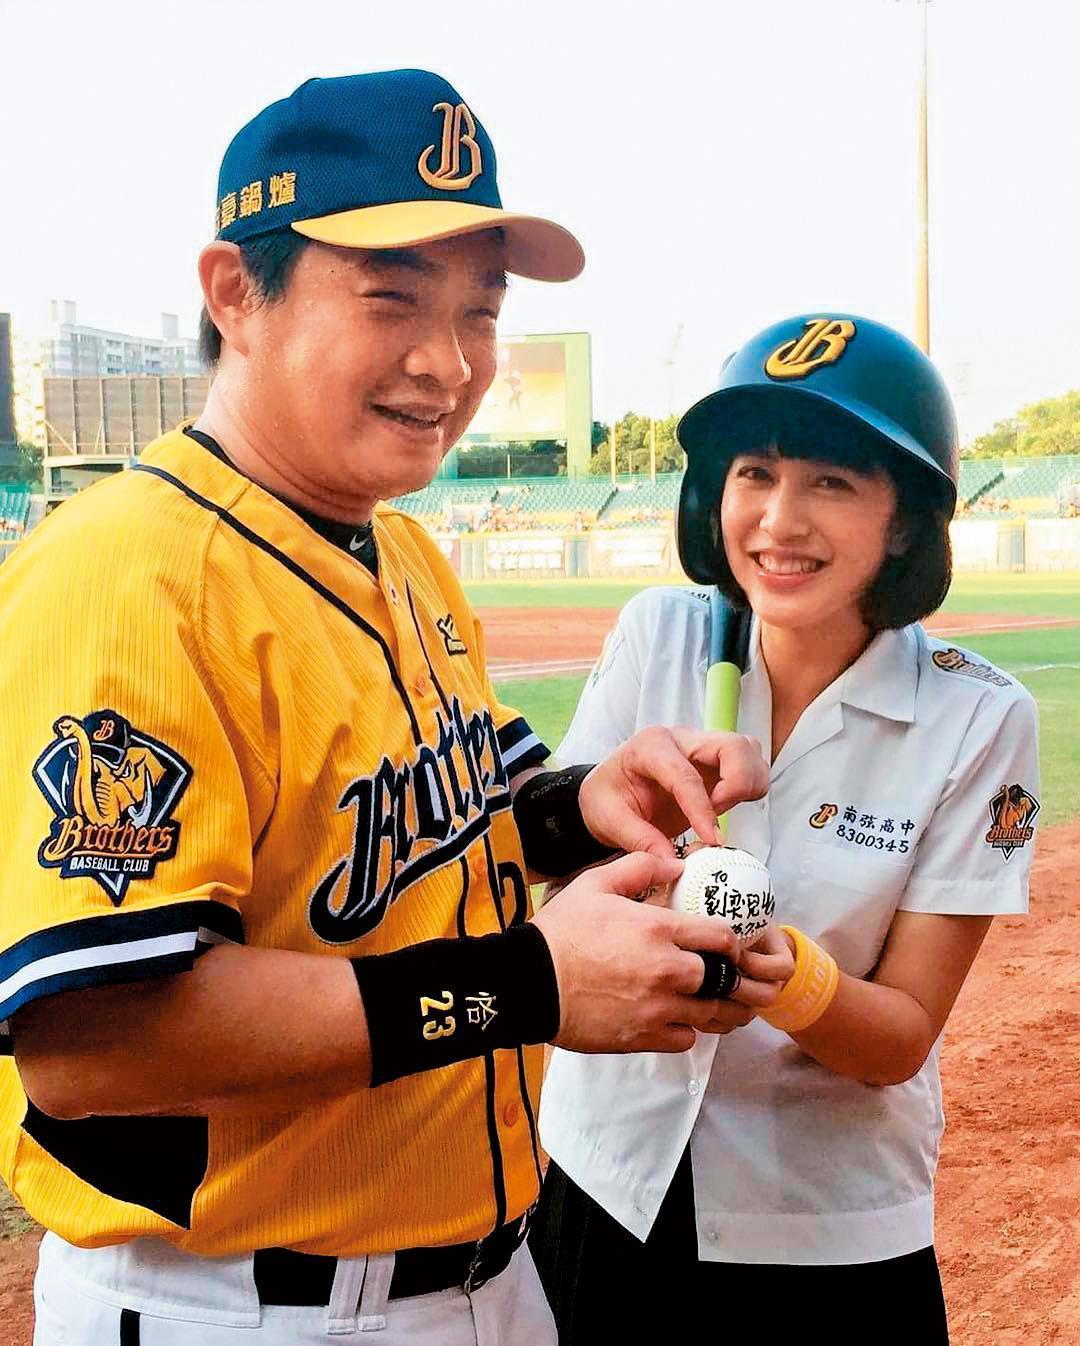 念新聞系的劉奕兒未入行前曾想當體育記者,她為職棒開球,終於一圓見到偶像彭政閔的心願。(翻攝自劉奕兒IG)